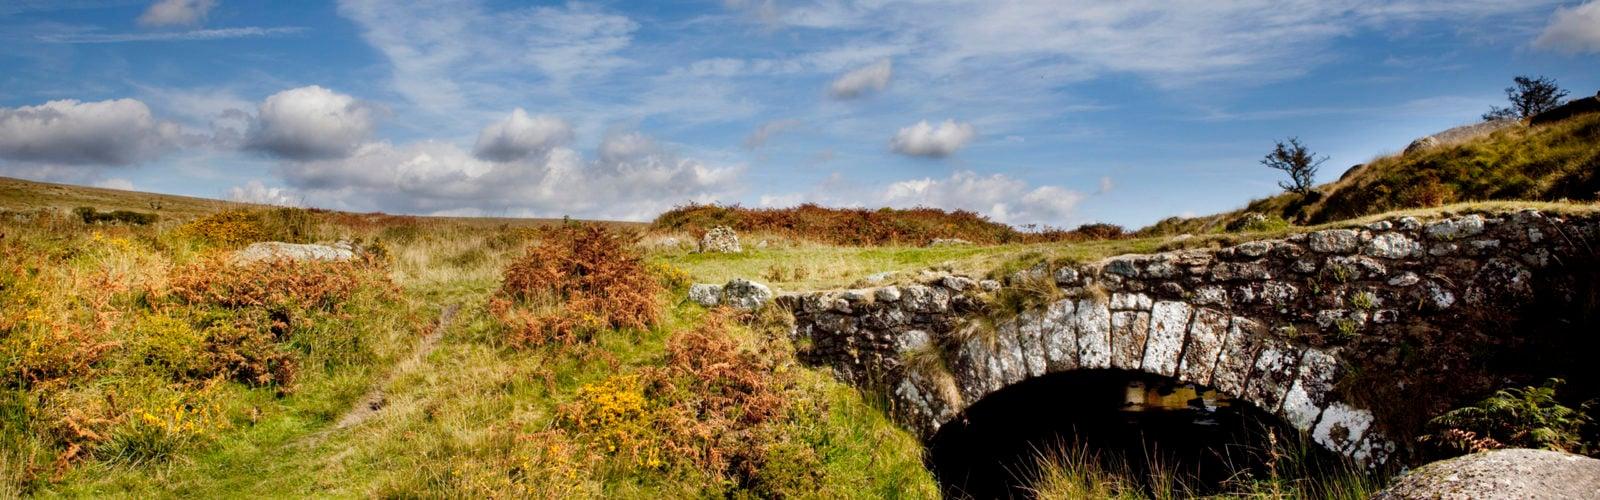 exmoor-national-park